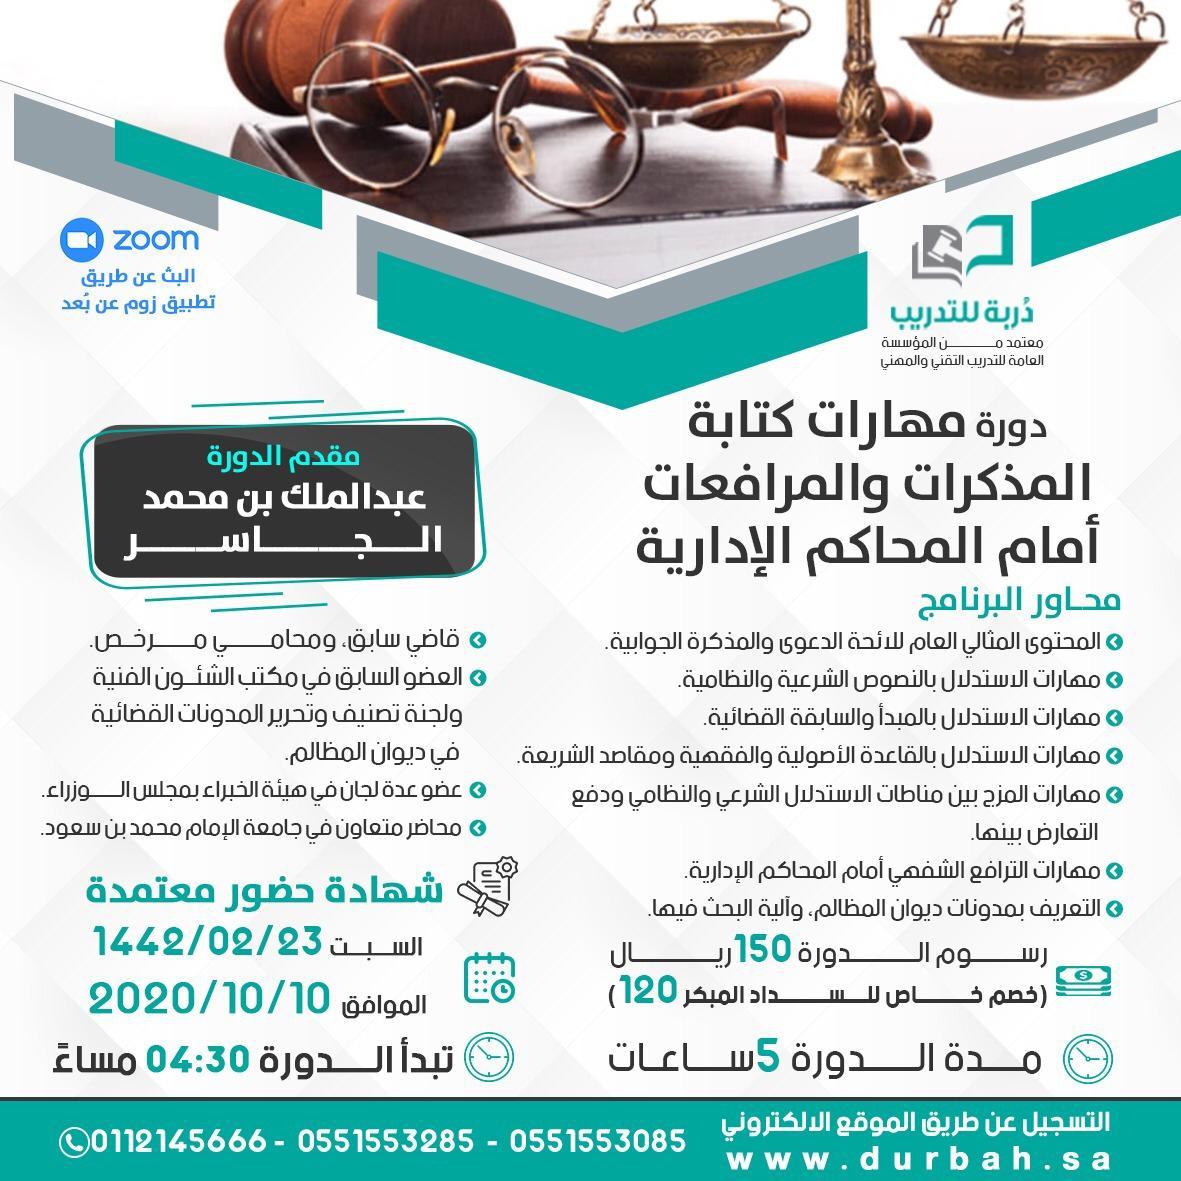 مهارات كتابة المذكرات والمرافعات أمام المحاكم الإدارية